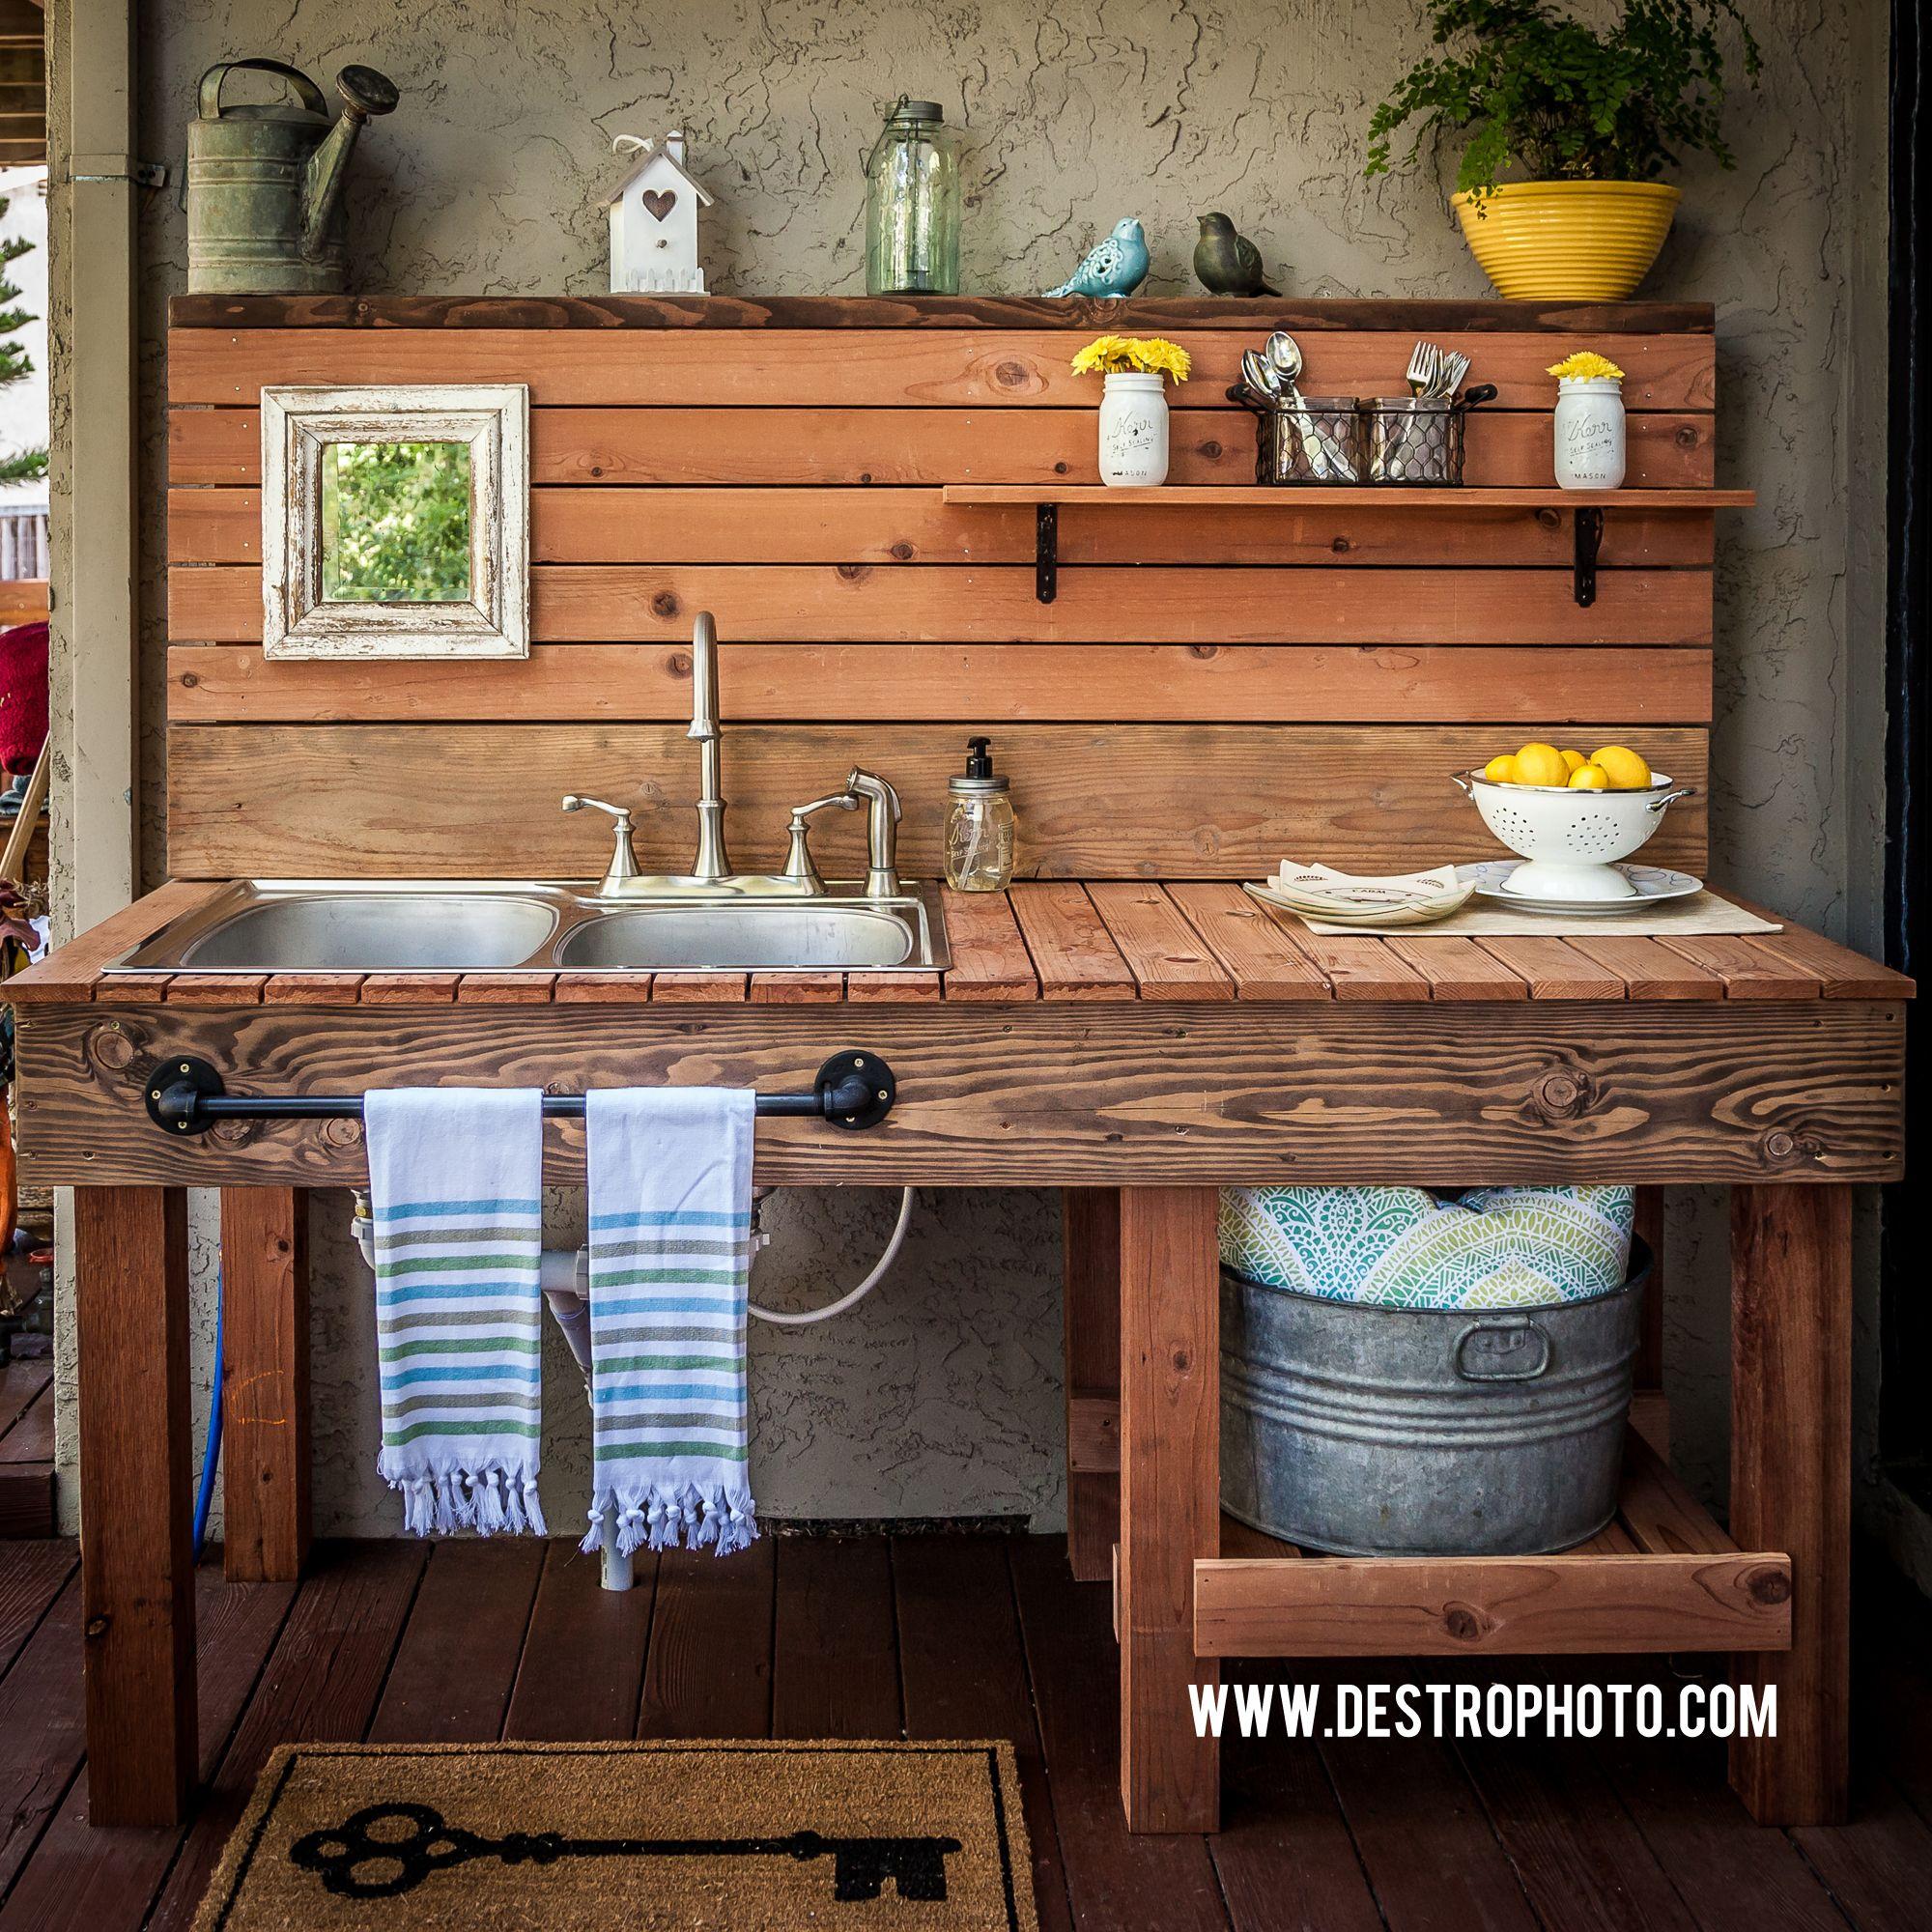 Outdoor Kitchen Sinkdiy Sinkmason Jars Outdoors  Pinterest Beauteous Outdoor Kitchen Home Depot Inspiration